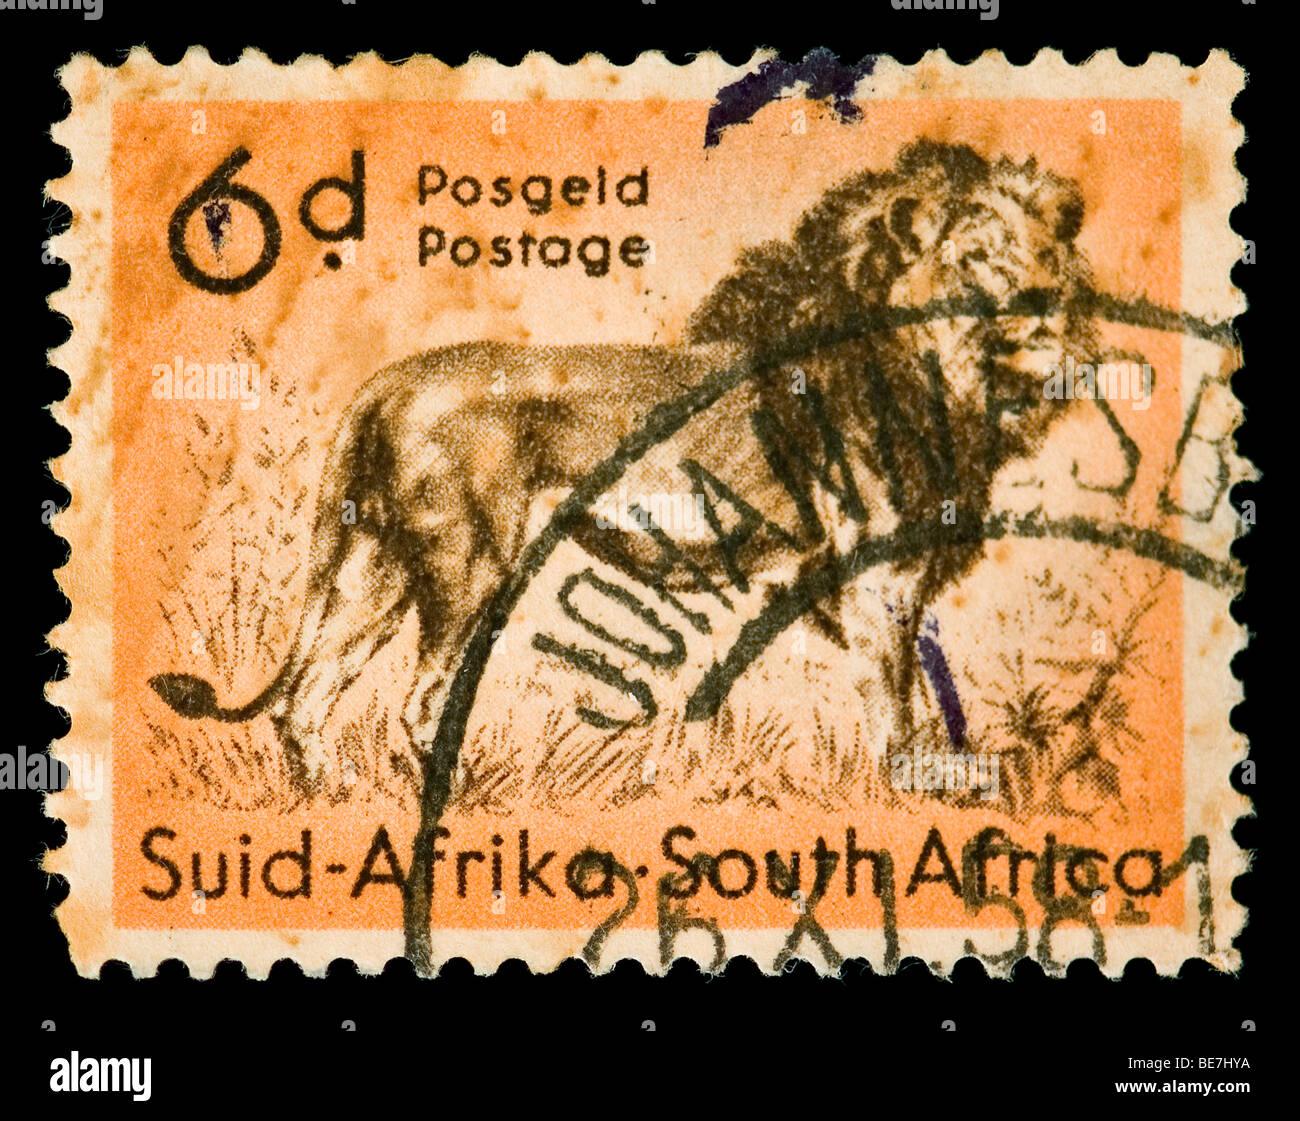 Vintage canceled postage stamp with lion illustration. South Africa, Johannesburg, 1958. - Stock Image